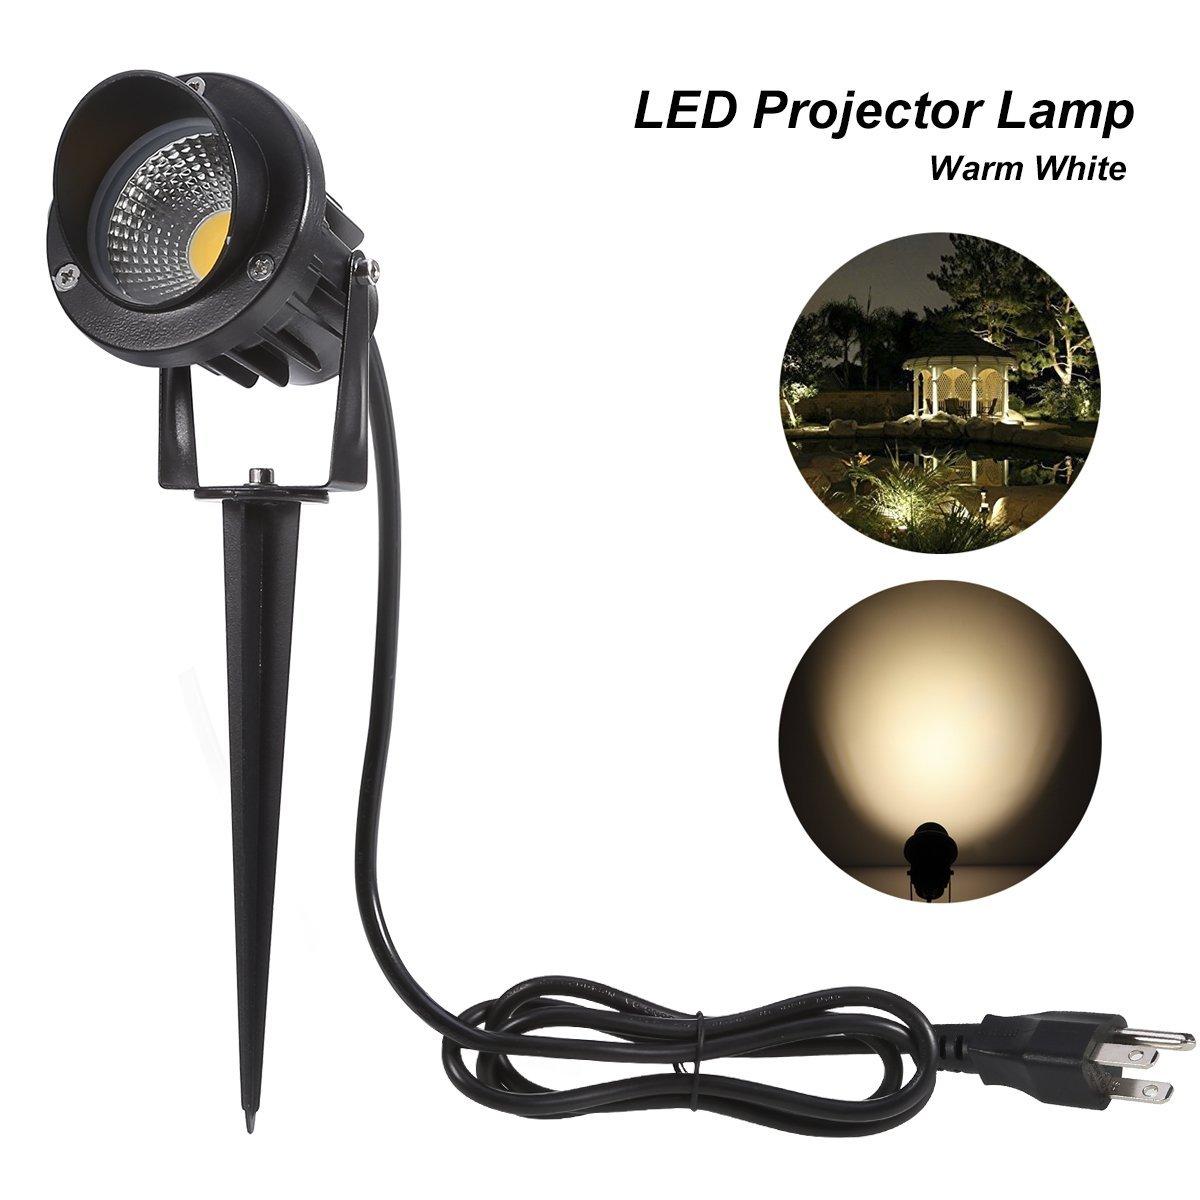 ProGreen Outdoor LED Landscape Lights on Sale 40% off $13.79